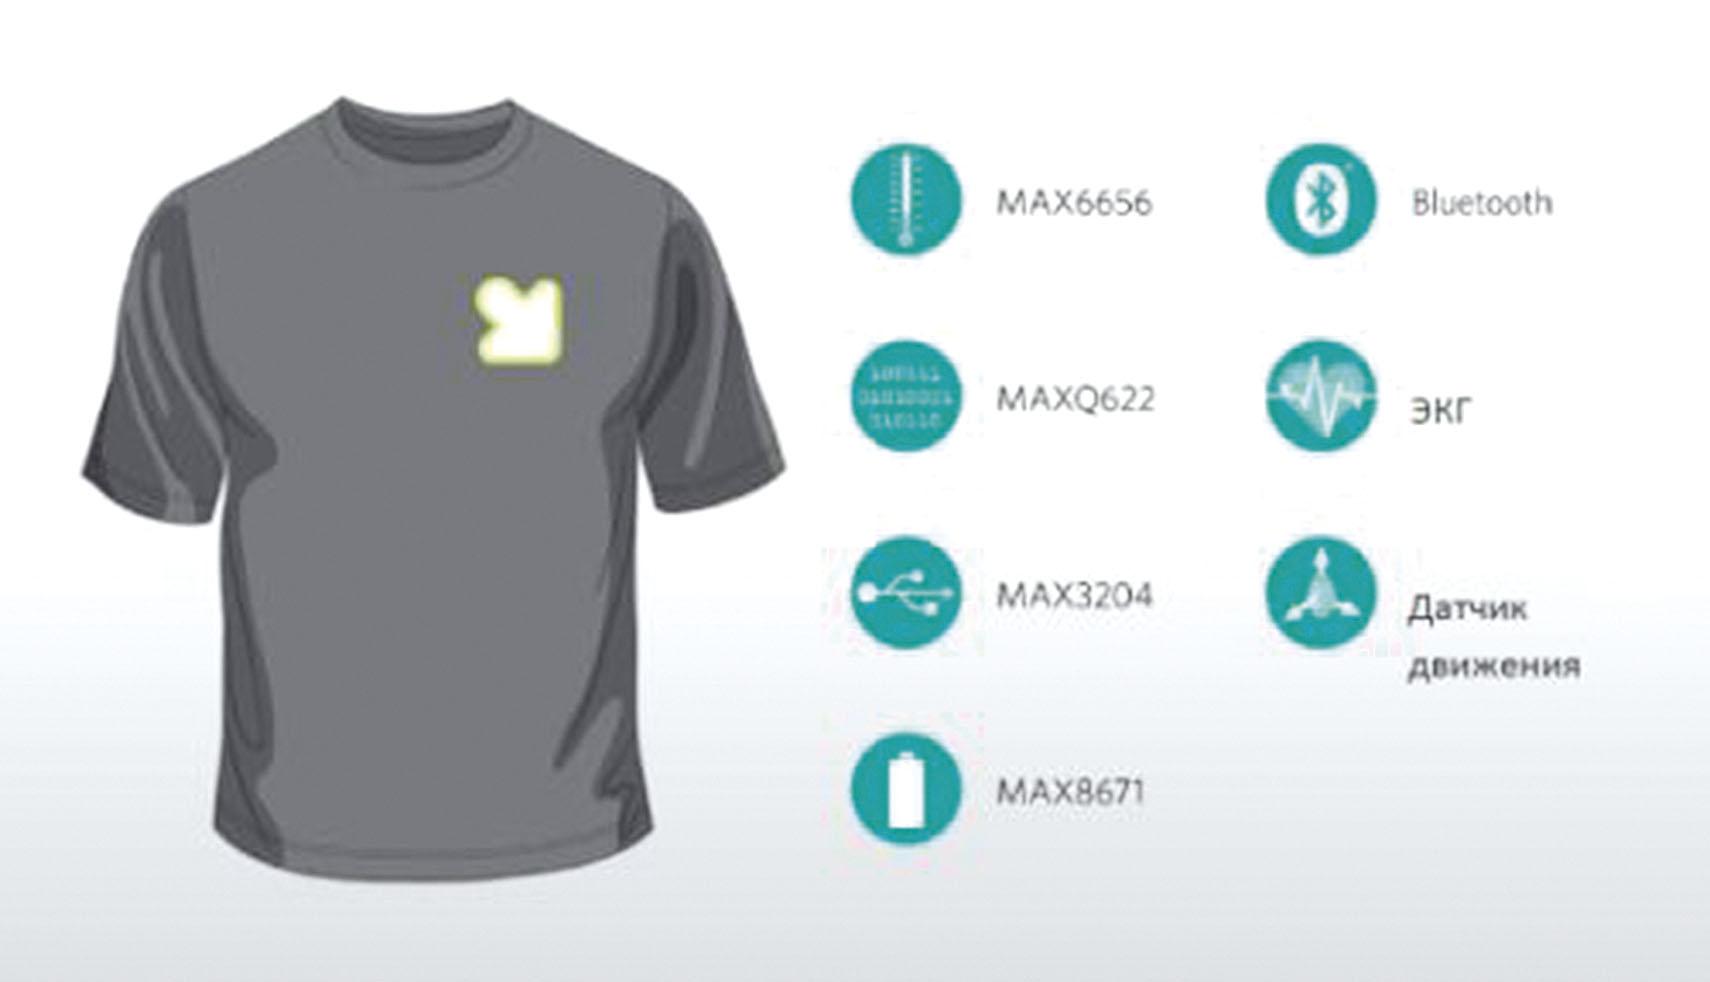 Одежда для мониторинга жизненных показателей человека